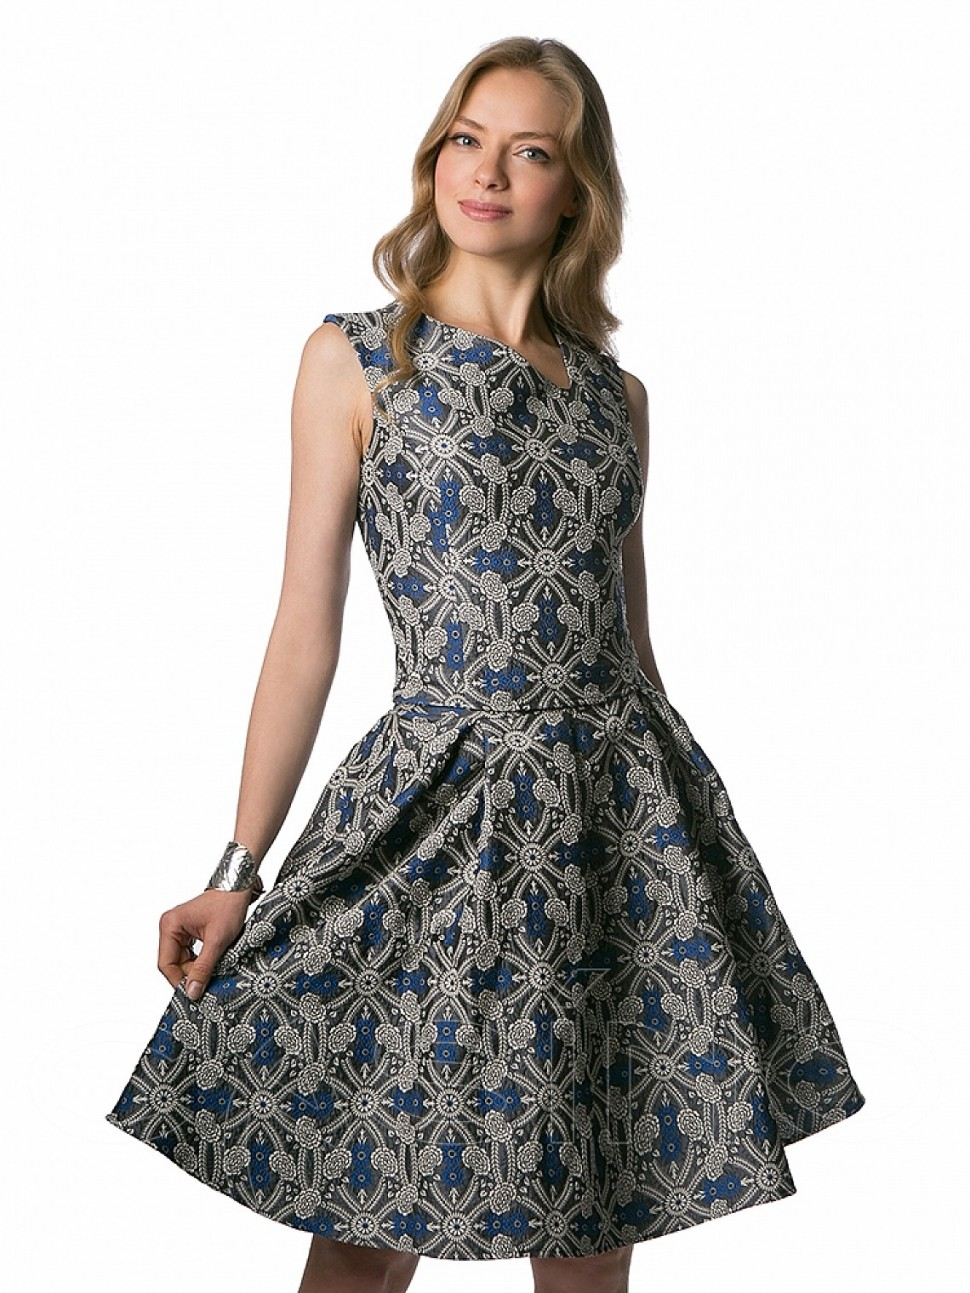 fbc7ea28430 Купить платье cs 909 2 в интернет магазине mirplatev.ru недорого